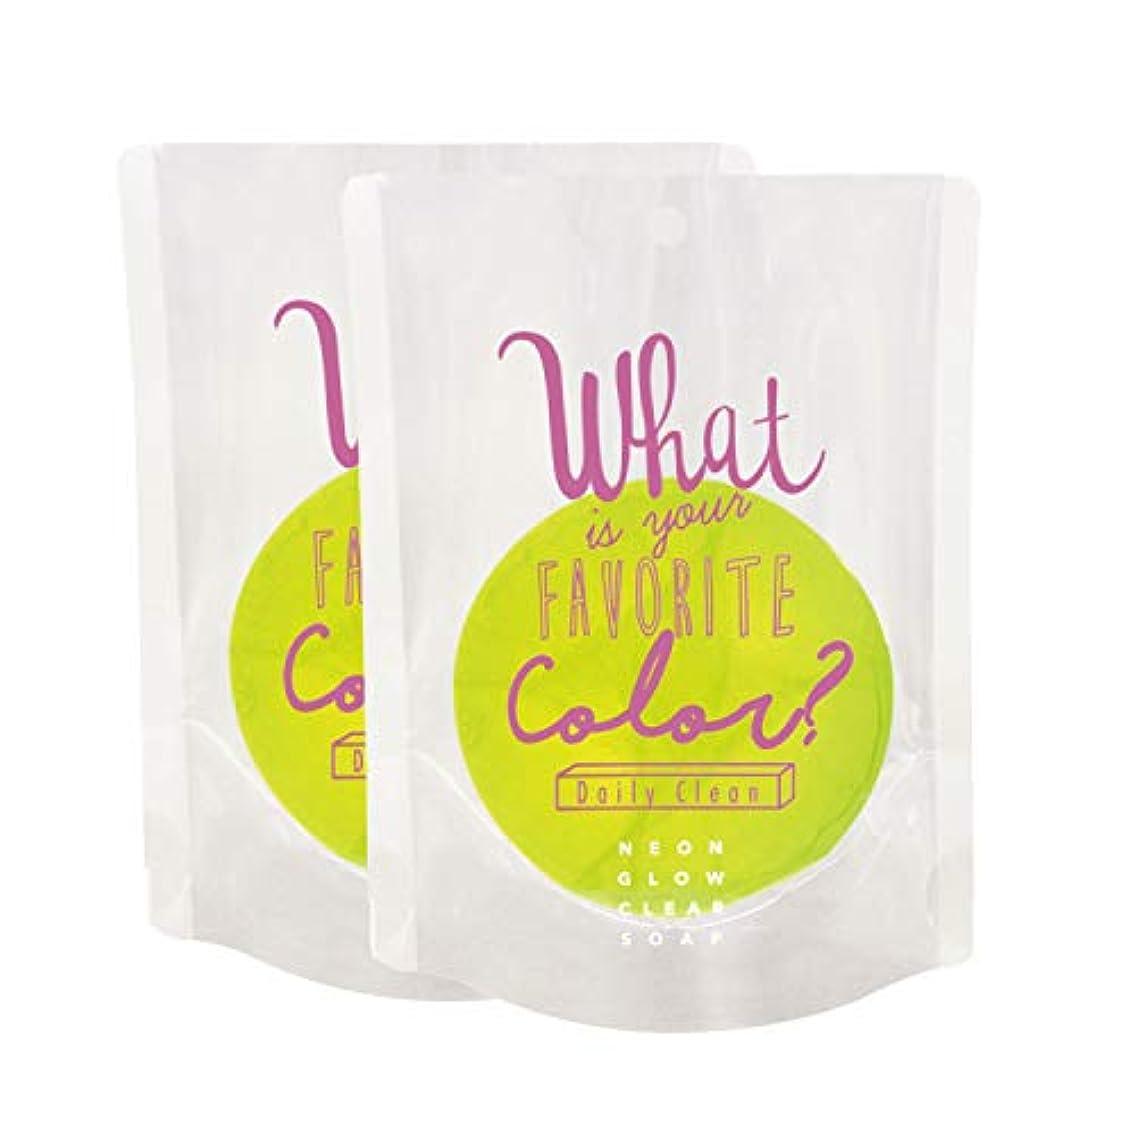 箱寄付する樹皮ノルコーポレーション ネオングロー クリアソープ OB-NGW-2-2 石鹸 パパイヤの香り 82g×2個セット